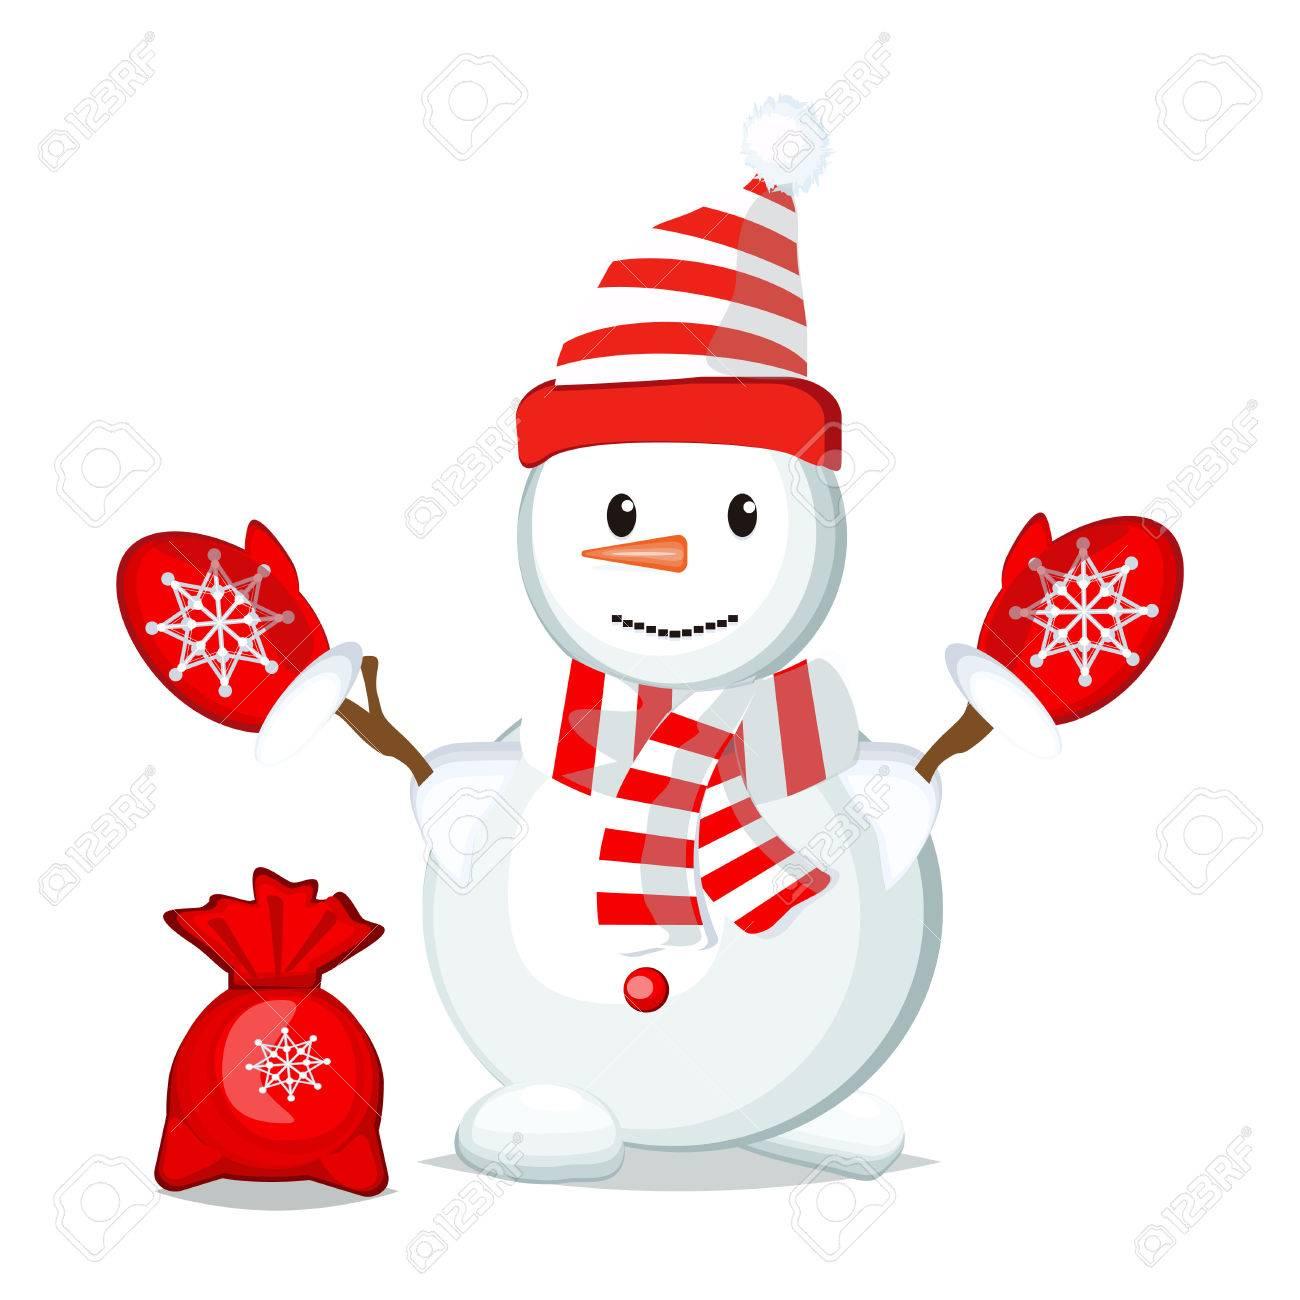 雪だるまのイラストが白い背景の文字人間を冷凍します 幸せなかわいい白い雪だるま帽子 雪の休日冷たいお祝い雪だるま 12 月漫画記号です のイラスト素材 ベクタ Image